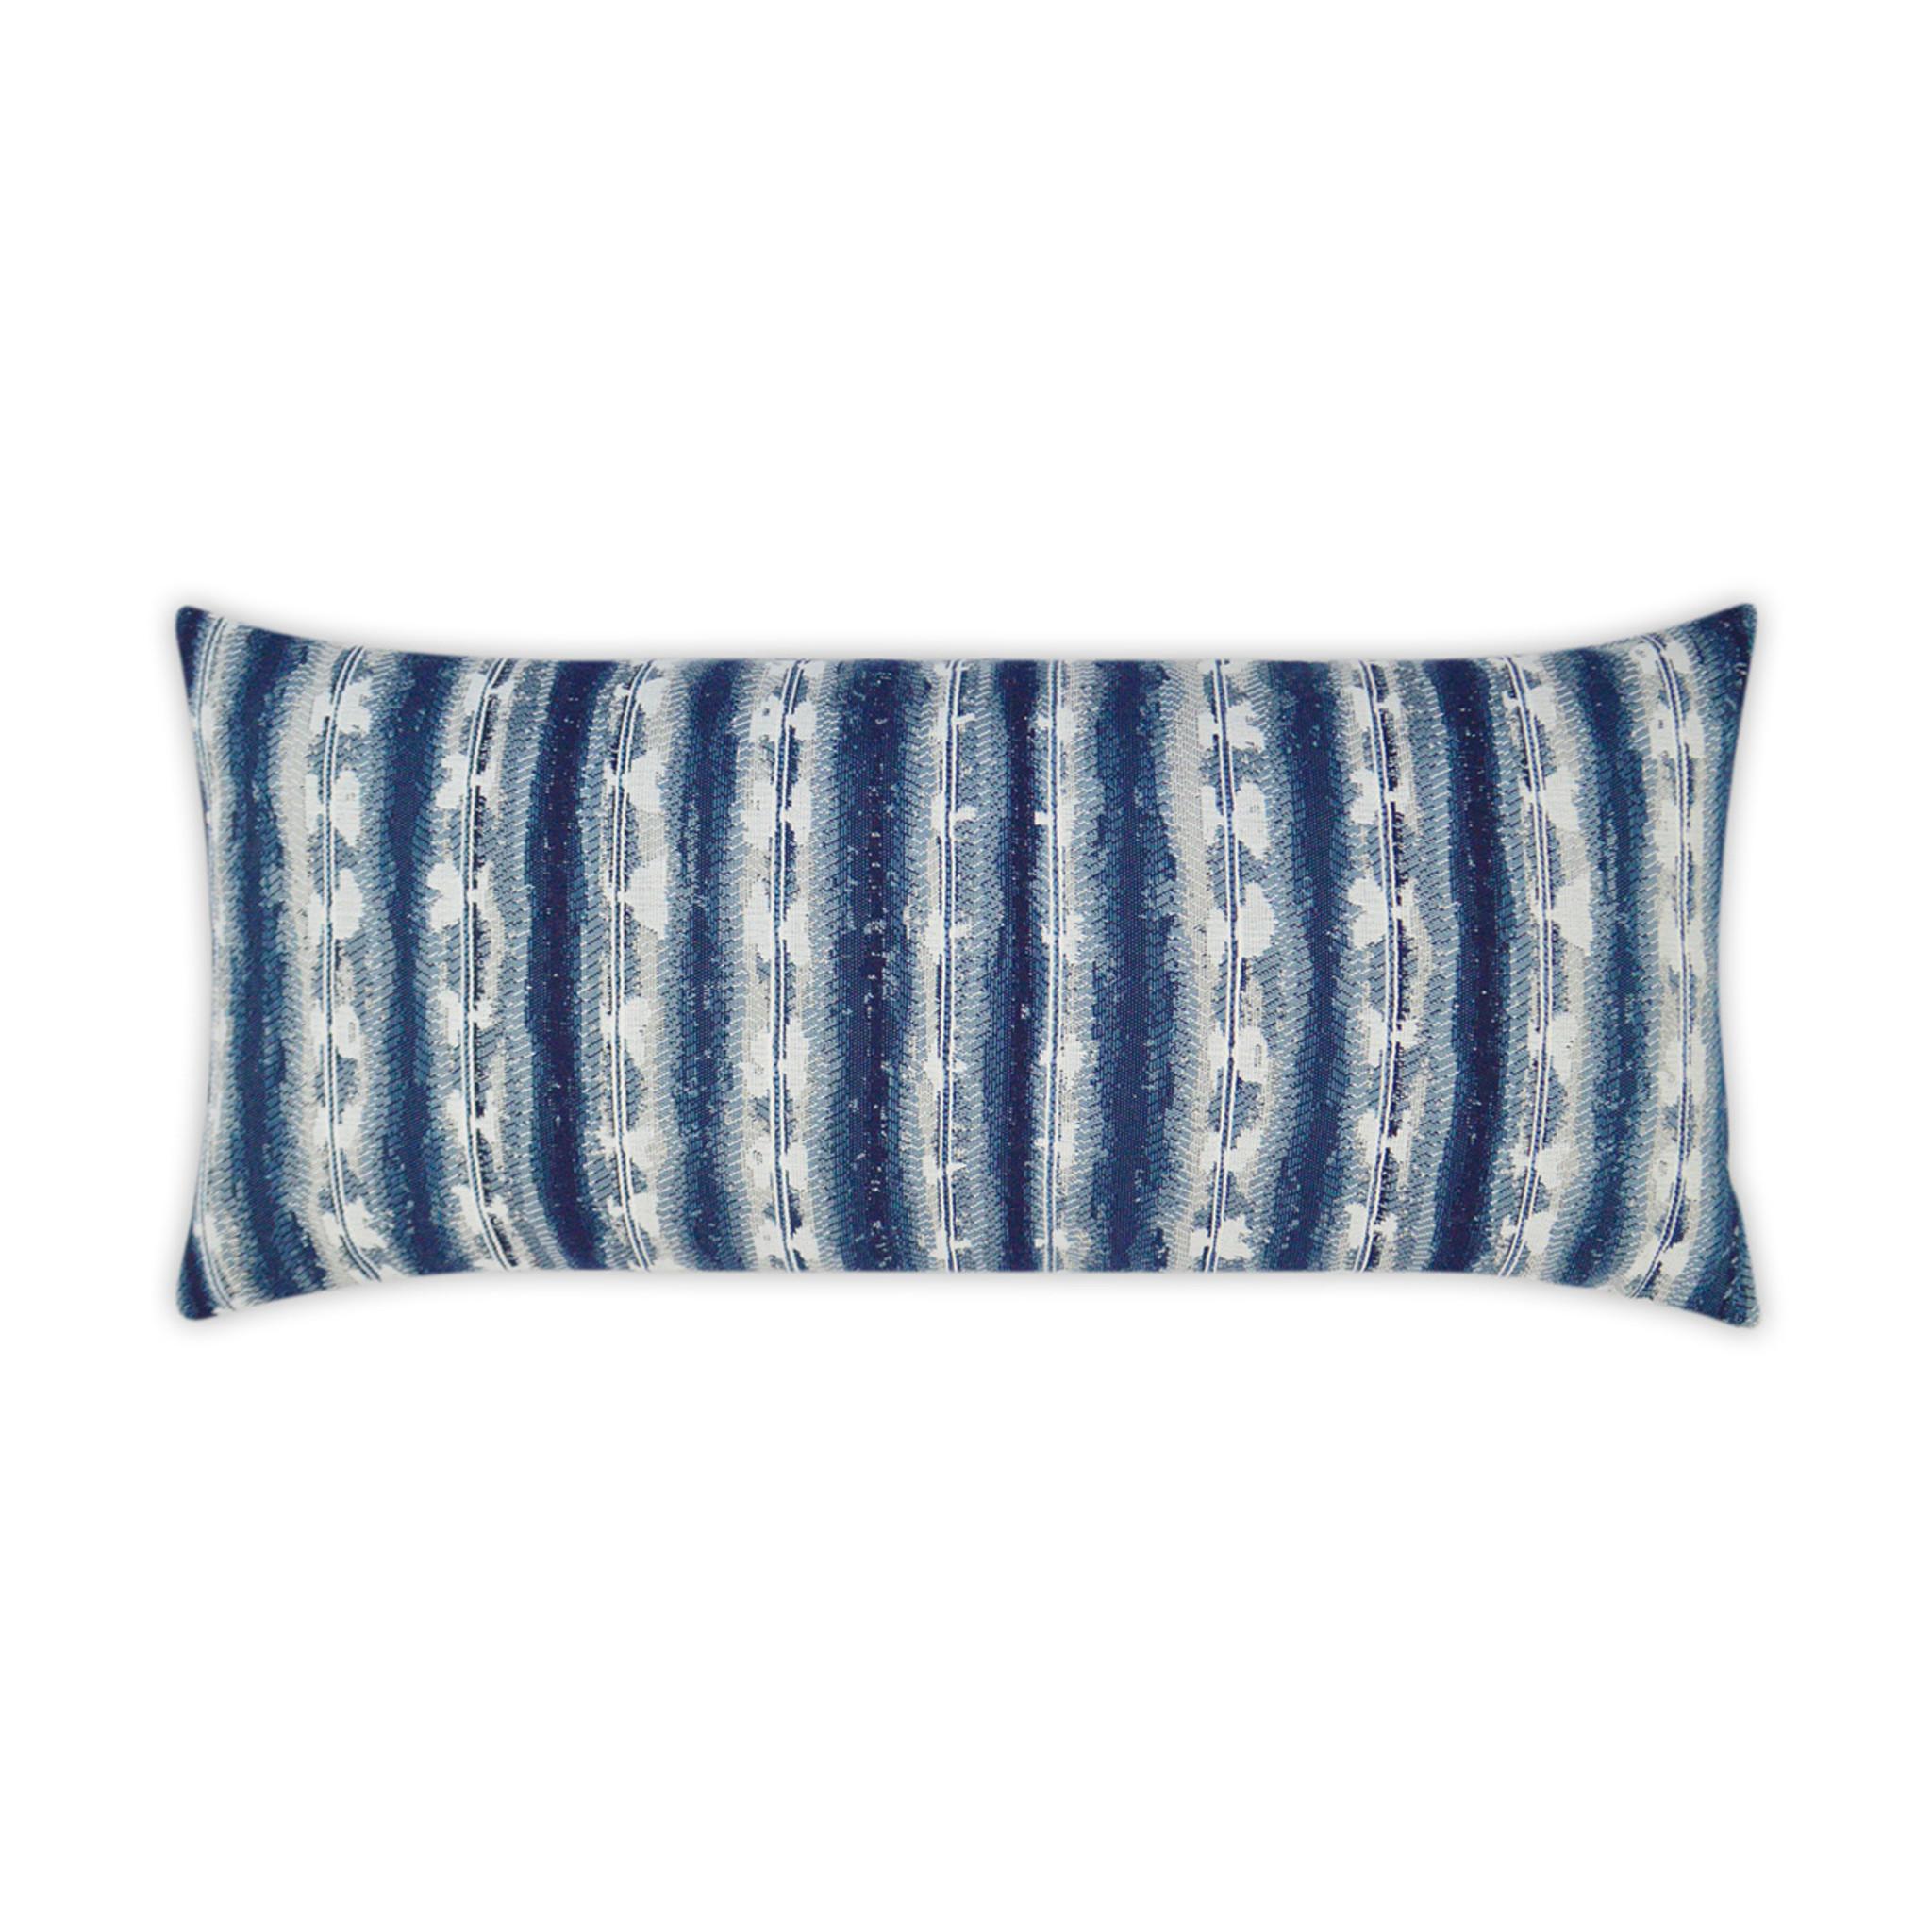 Sunshibo Navy And White Stripe 12 X 24 Lumbar Pillow Caron S Beach House